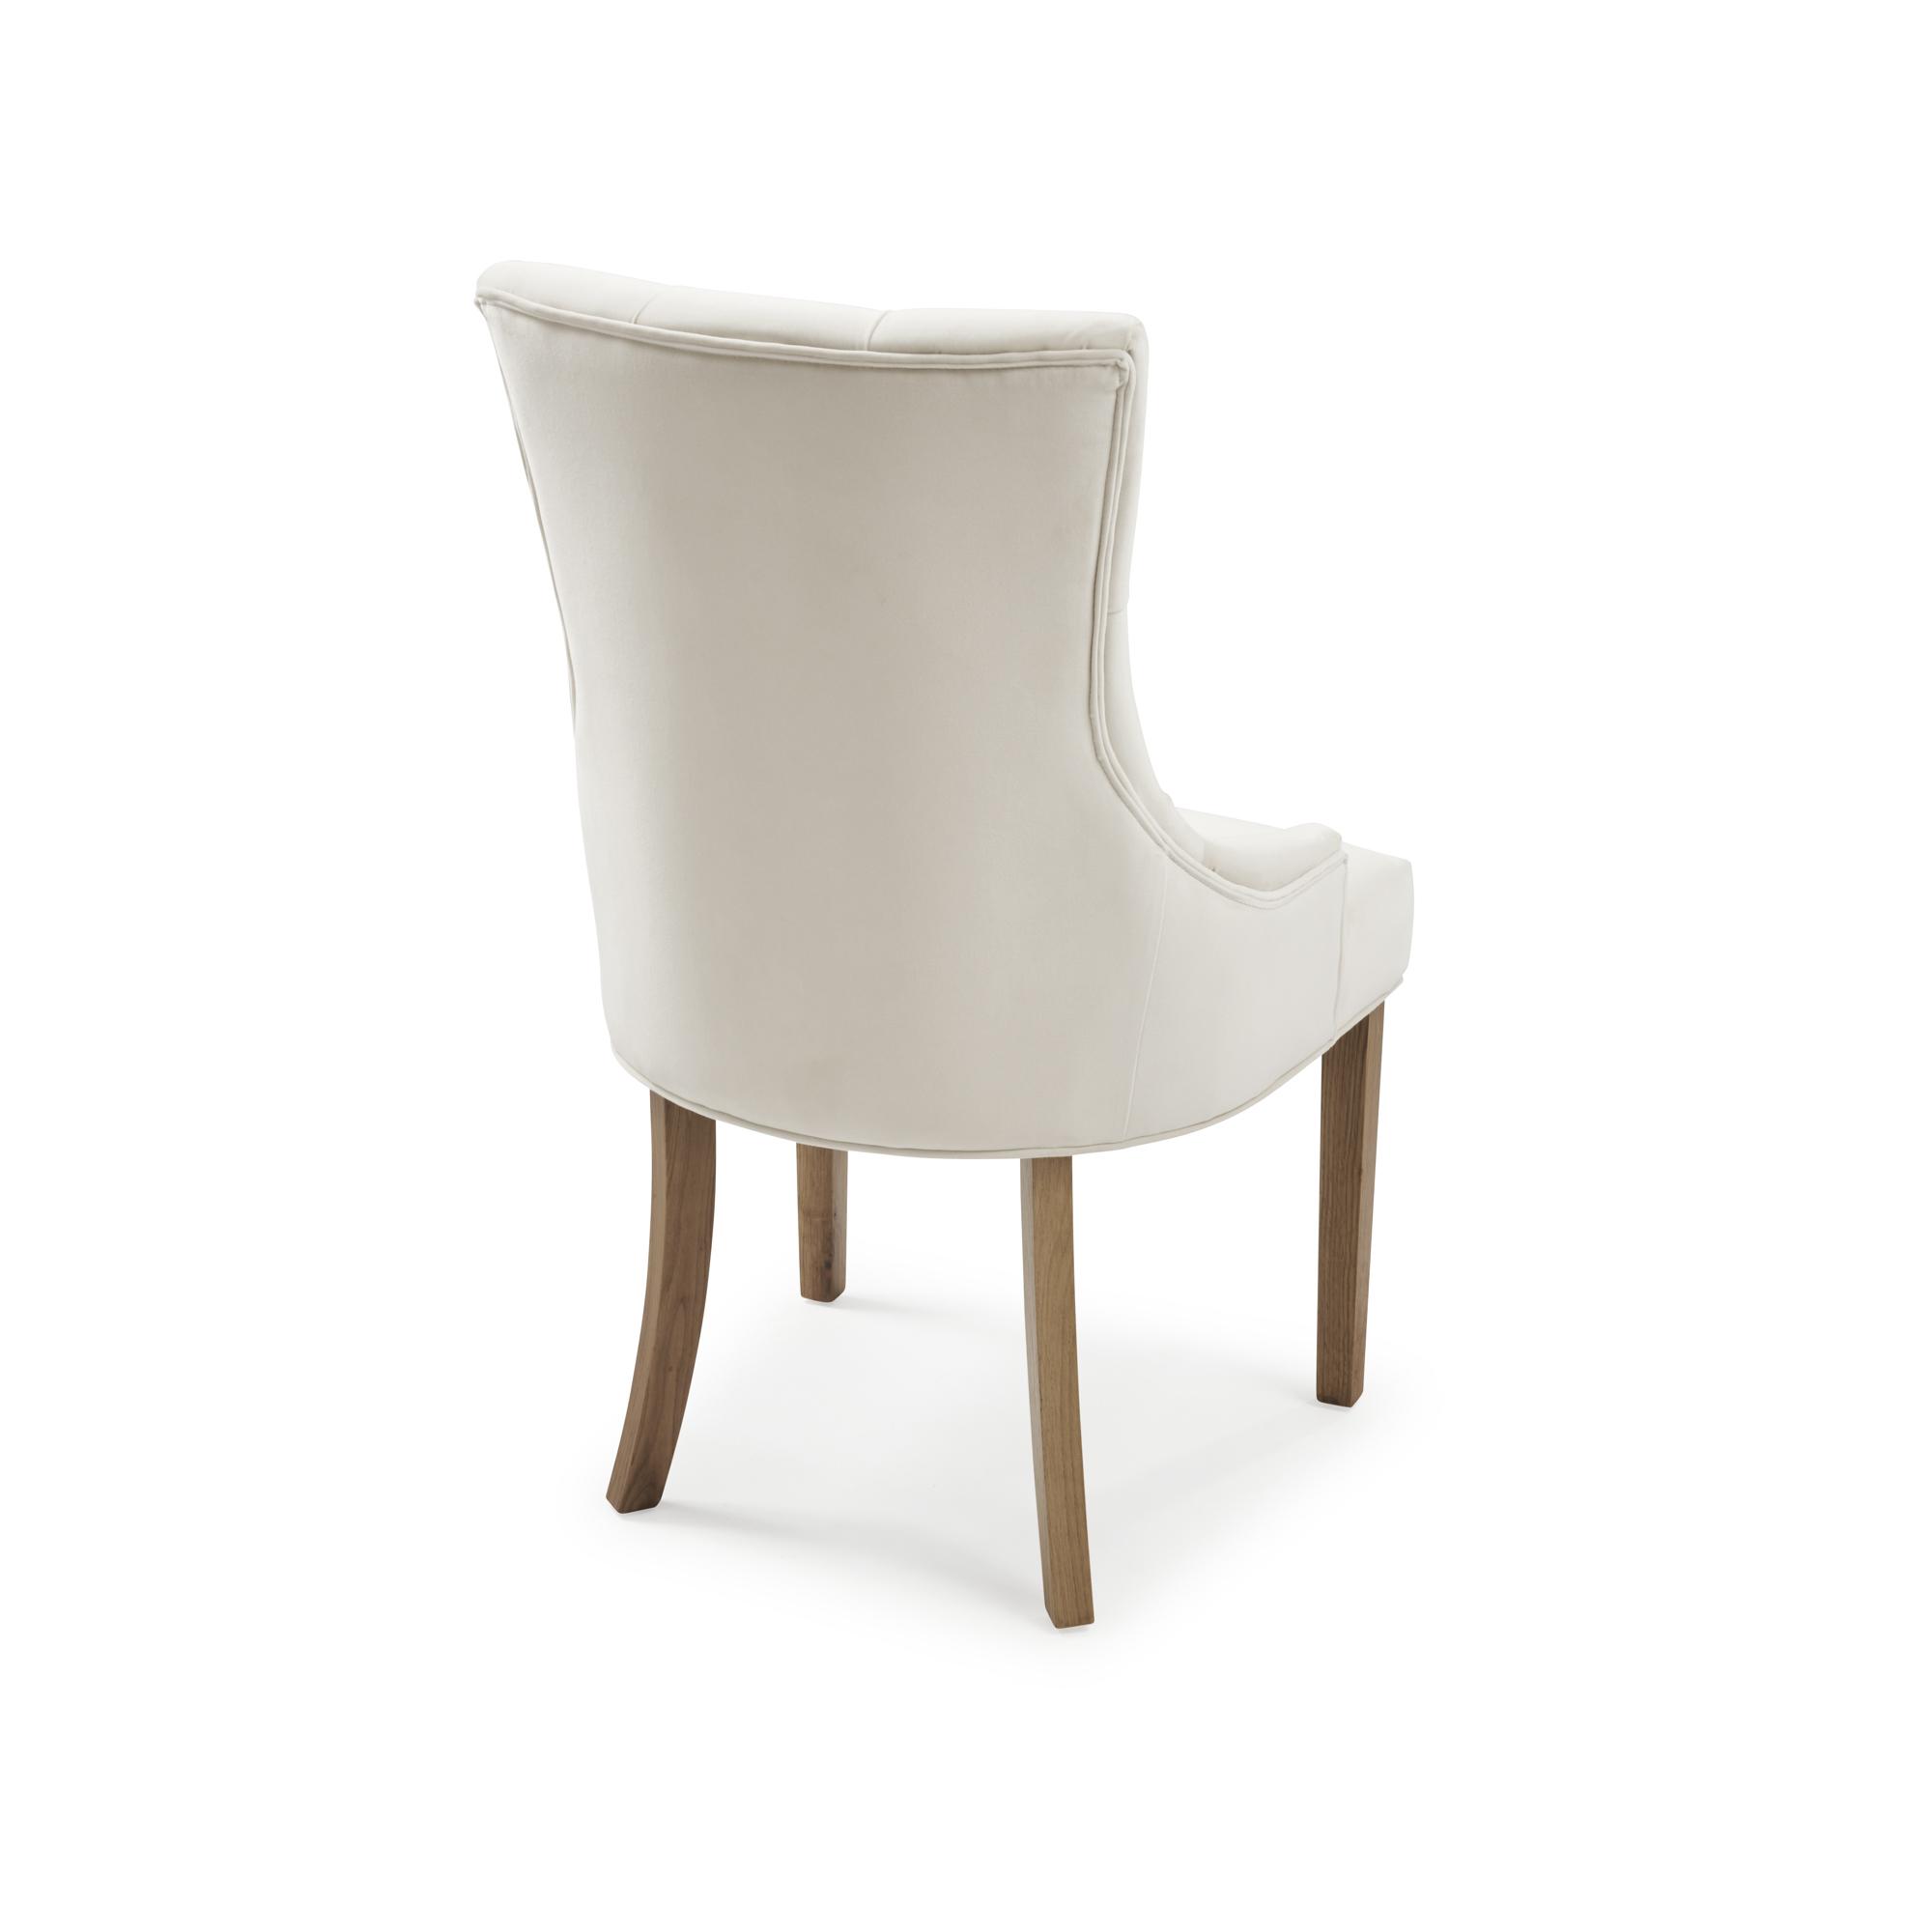 Truro Tiffany Velvet Upholstered Scoop Dining Chair – Cream